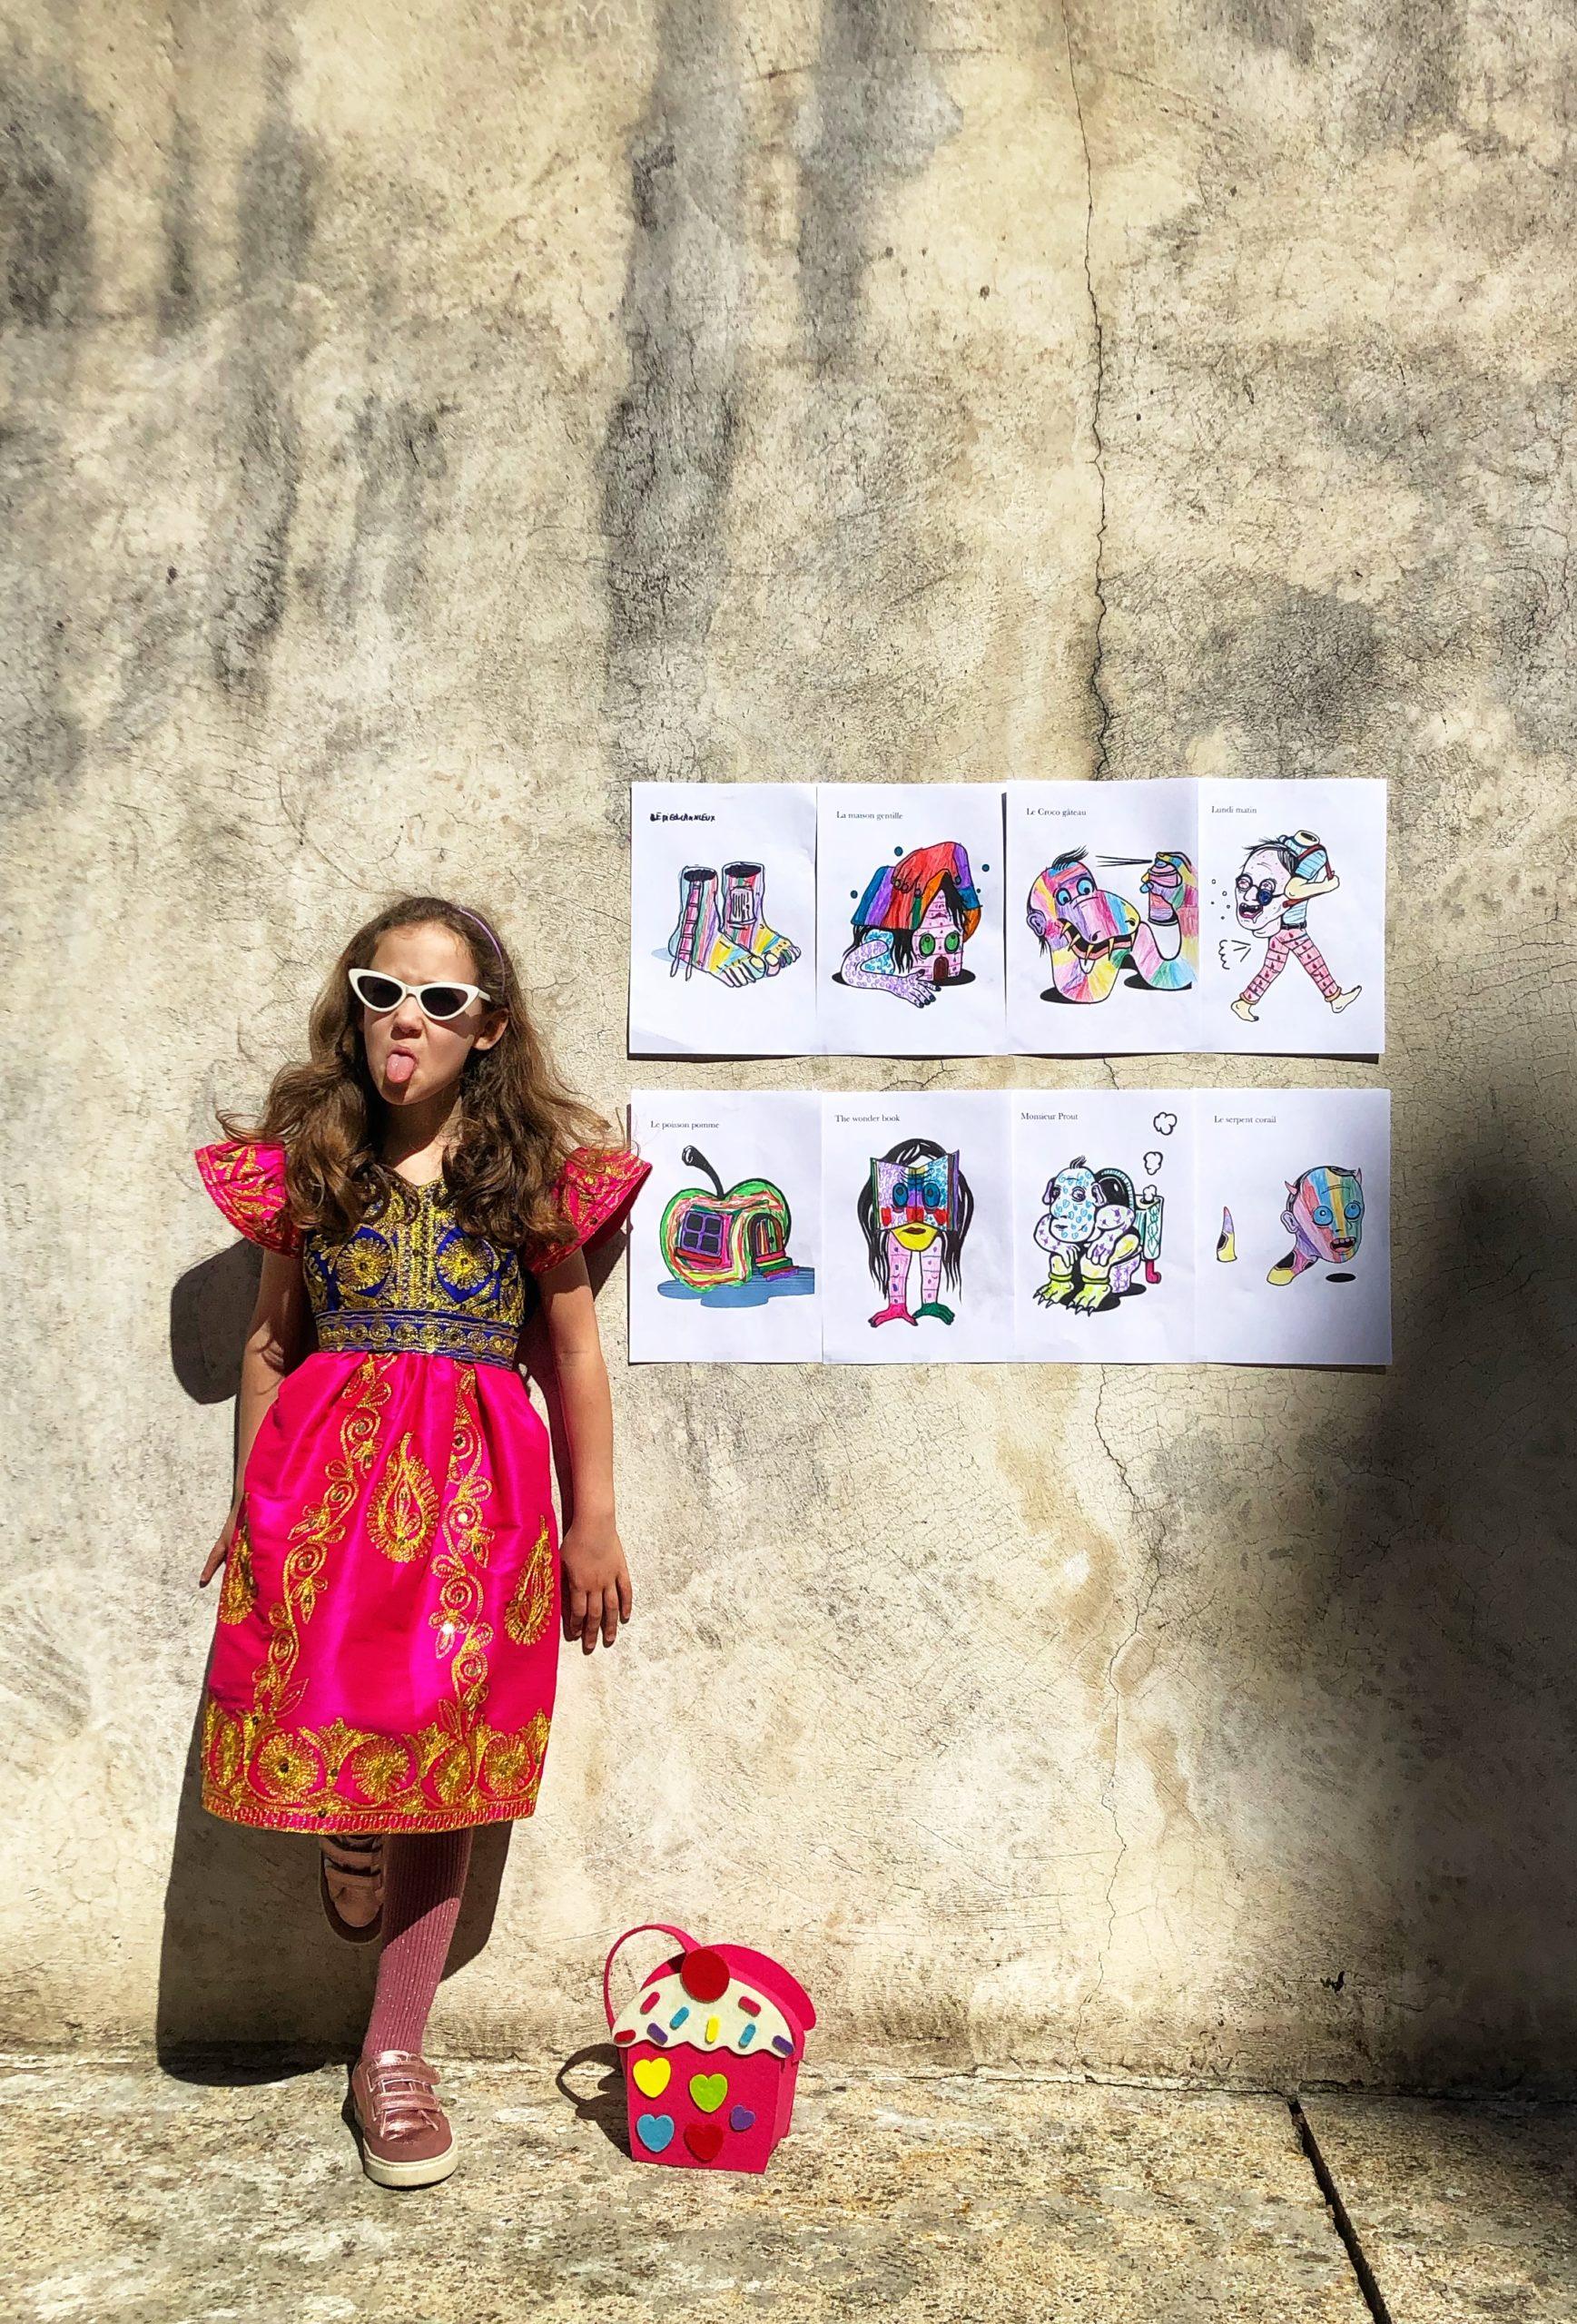 Grandir dans le 20e : les bonnes adresses kidsfriendly d'Aude, maman solo